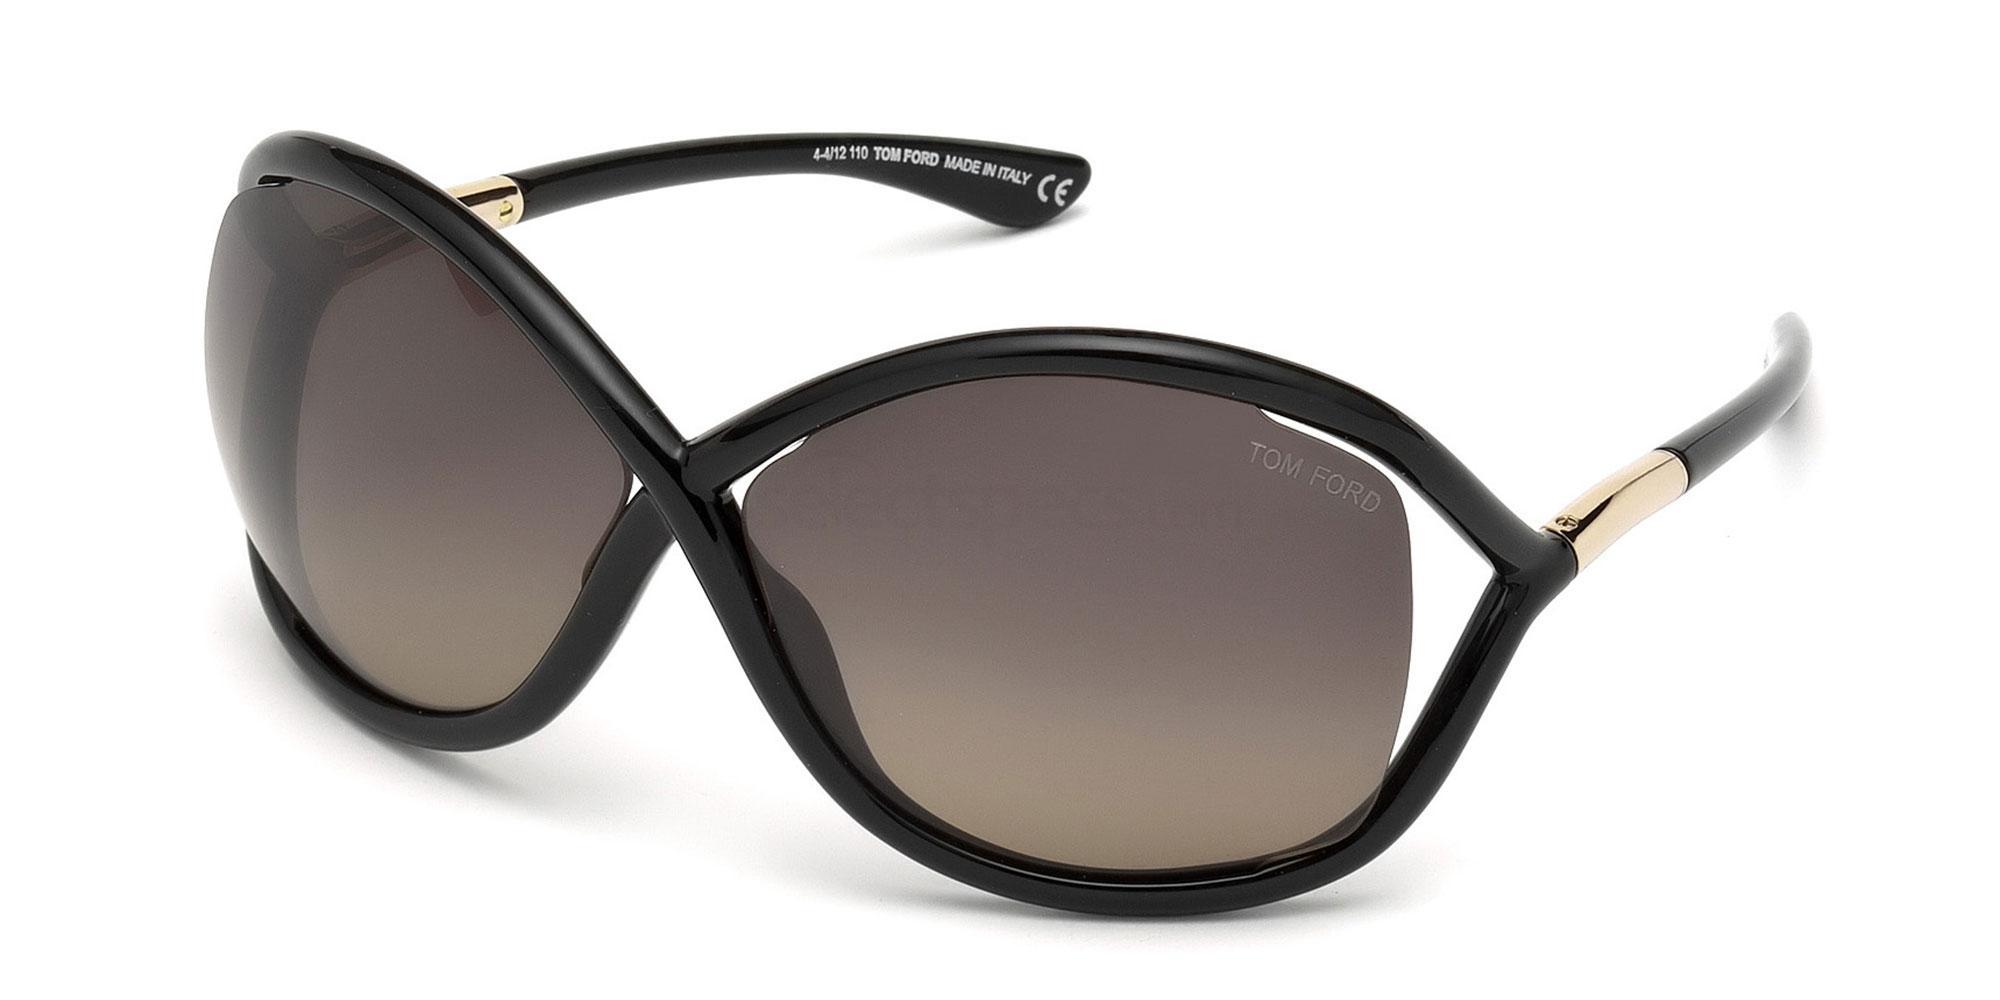 01D FT0009 Whitney (2/2) Sunglasses, Tom Ford